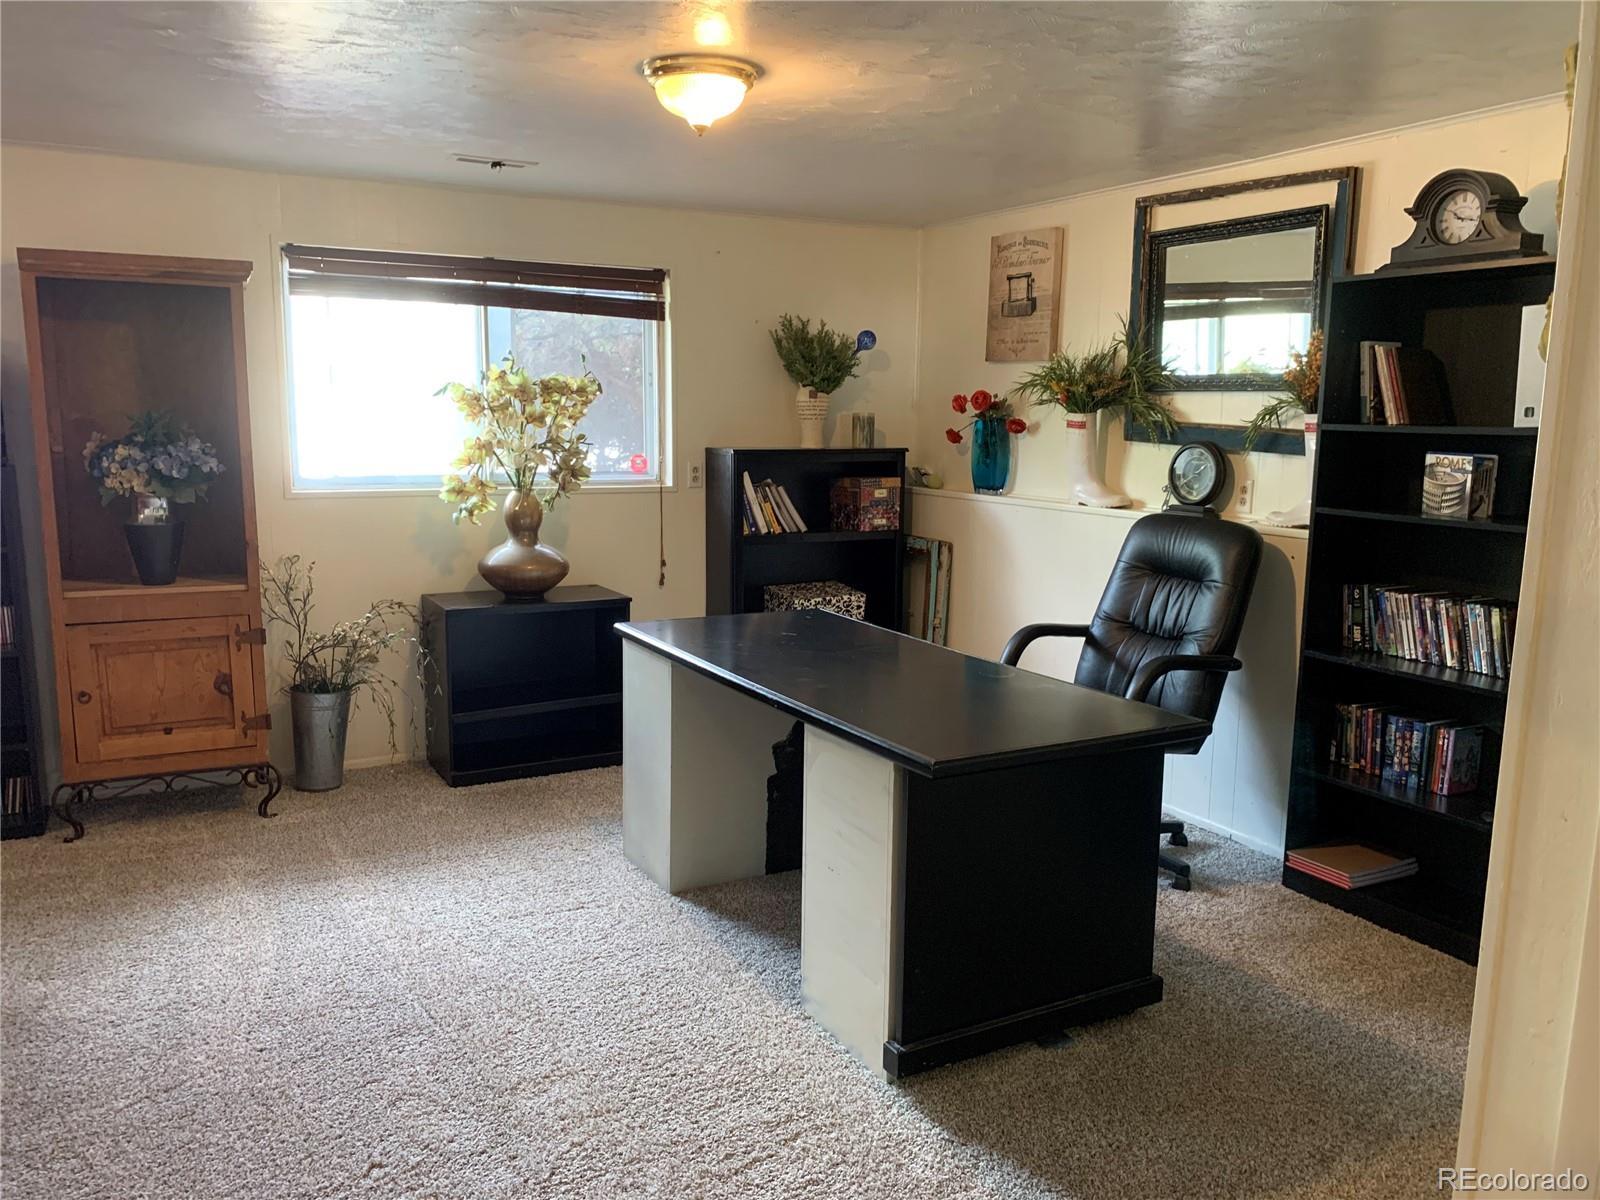 MLS# 3794284 - 8 - 677 Fay Drive, Colorado Springs, CO 80911